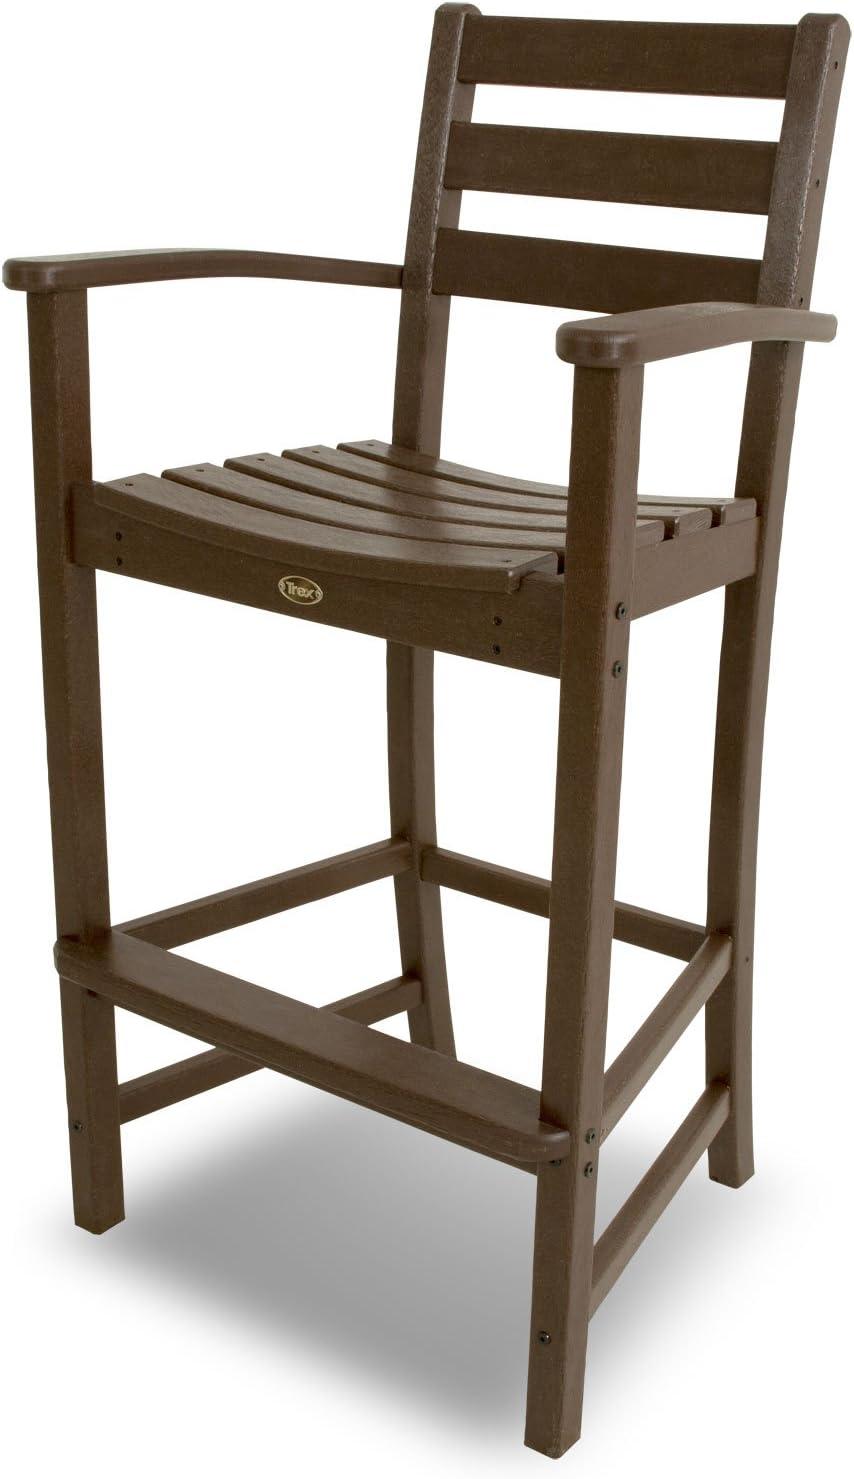 Trex Outdoor Furniture Monterey Bay Bar Arm Chair ,Vintage Lantern